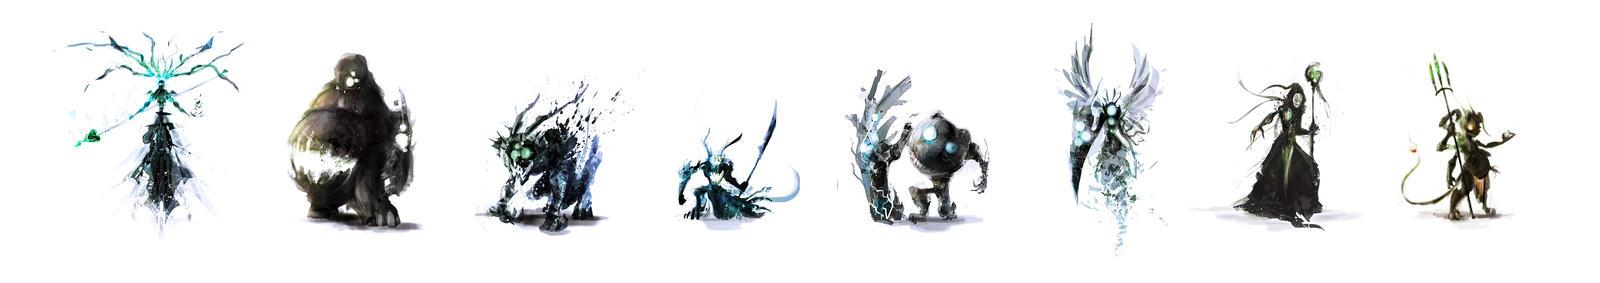 Daemons by Y-mir